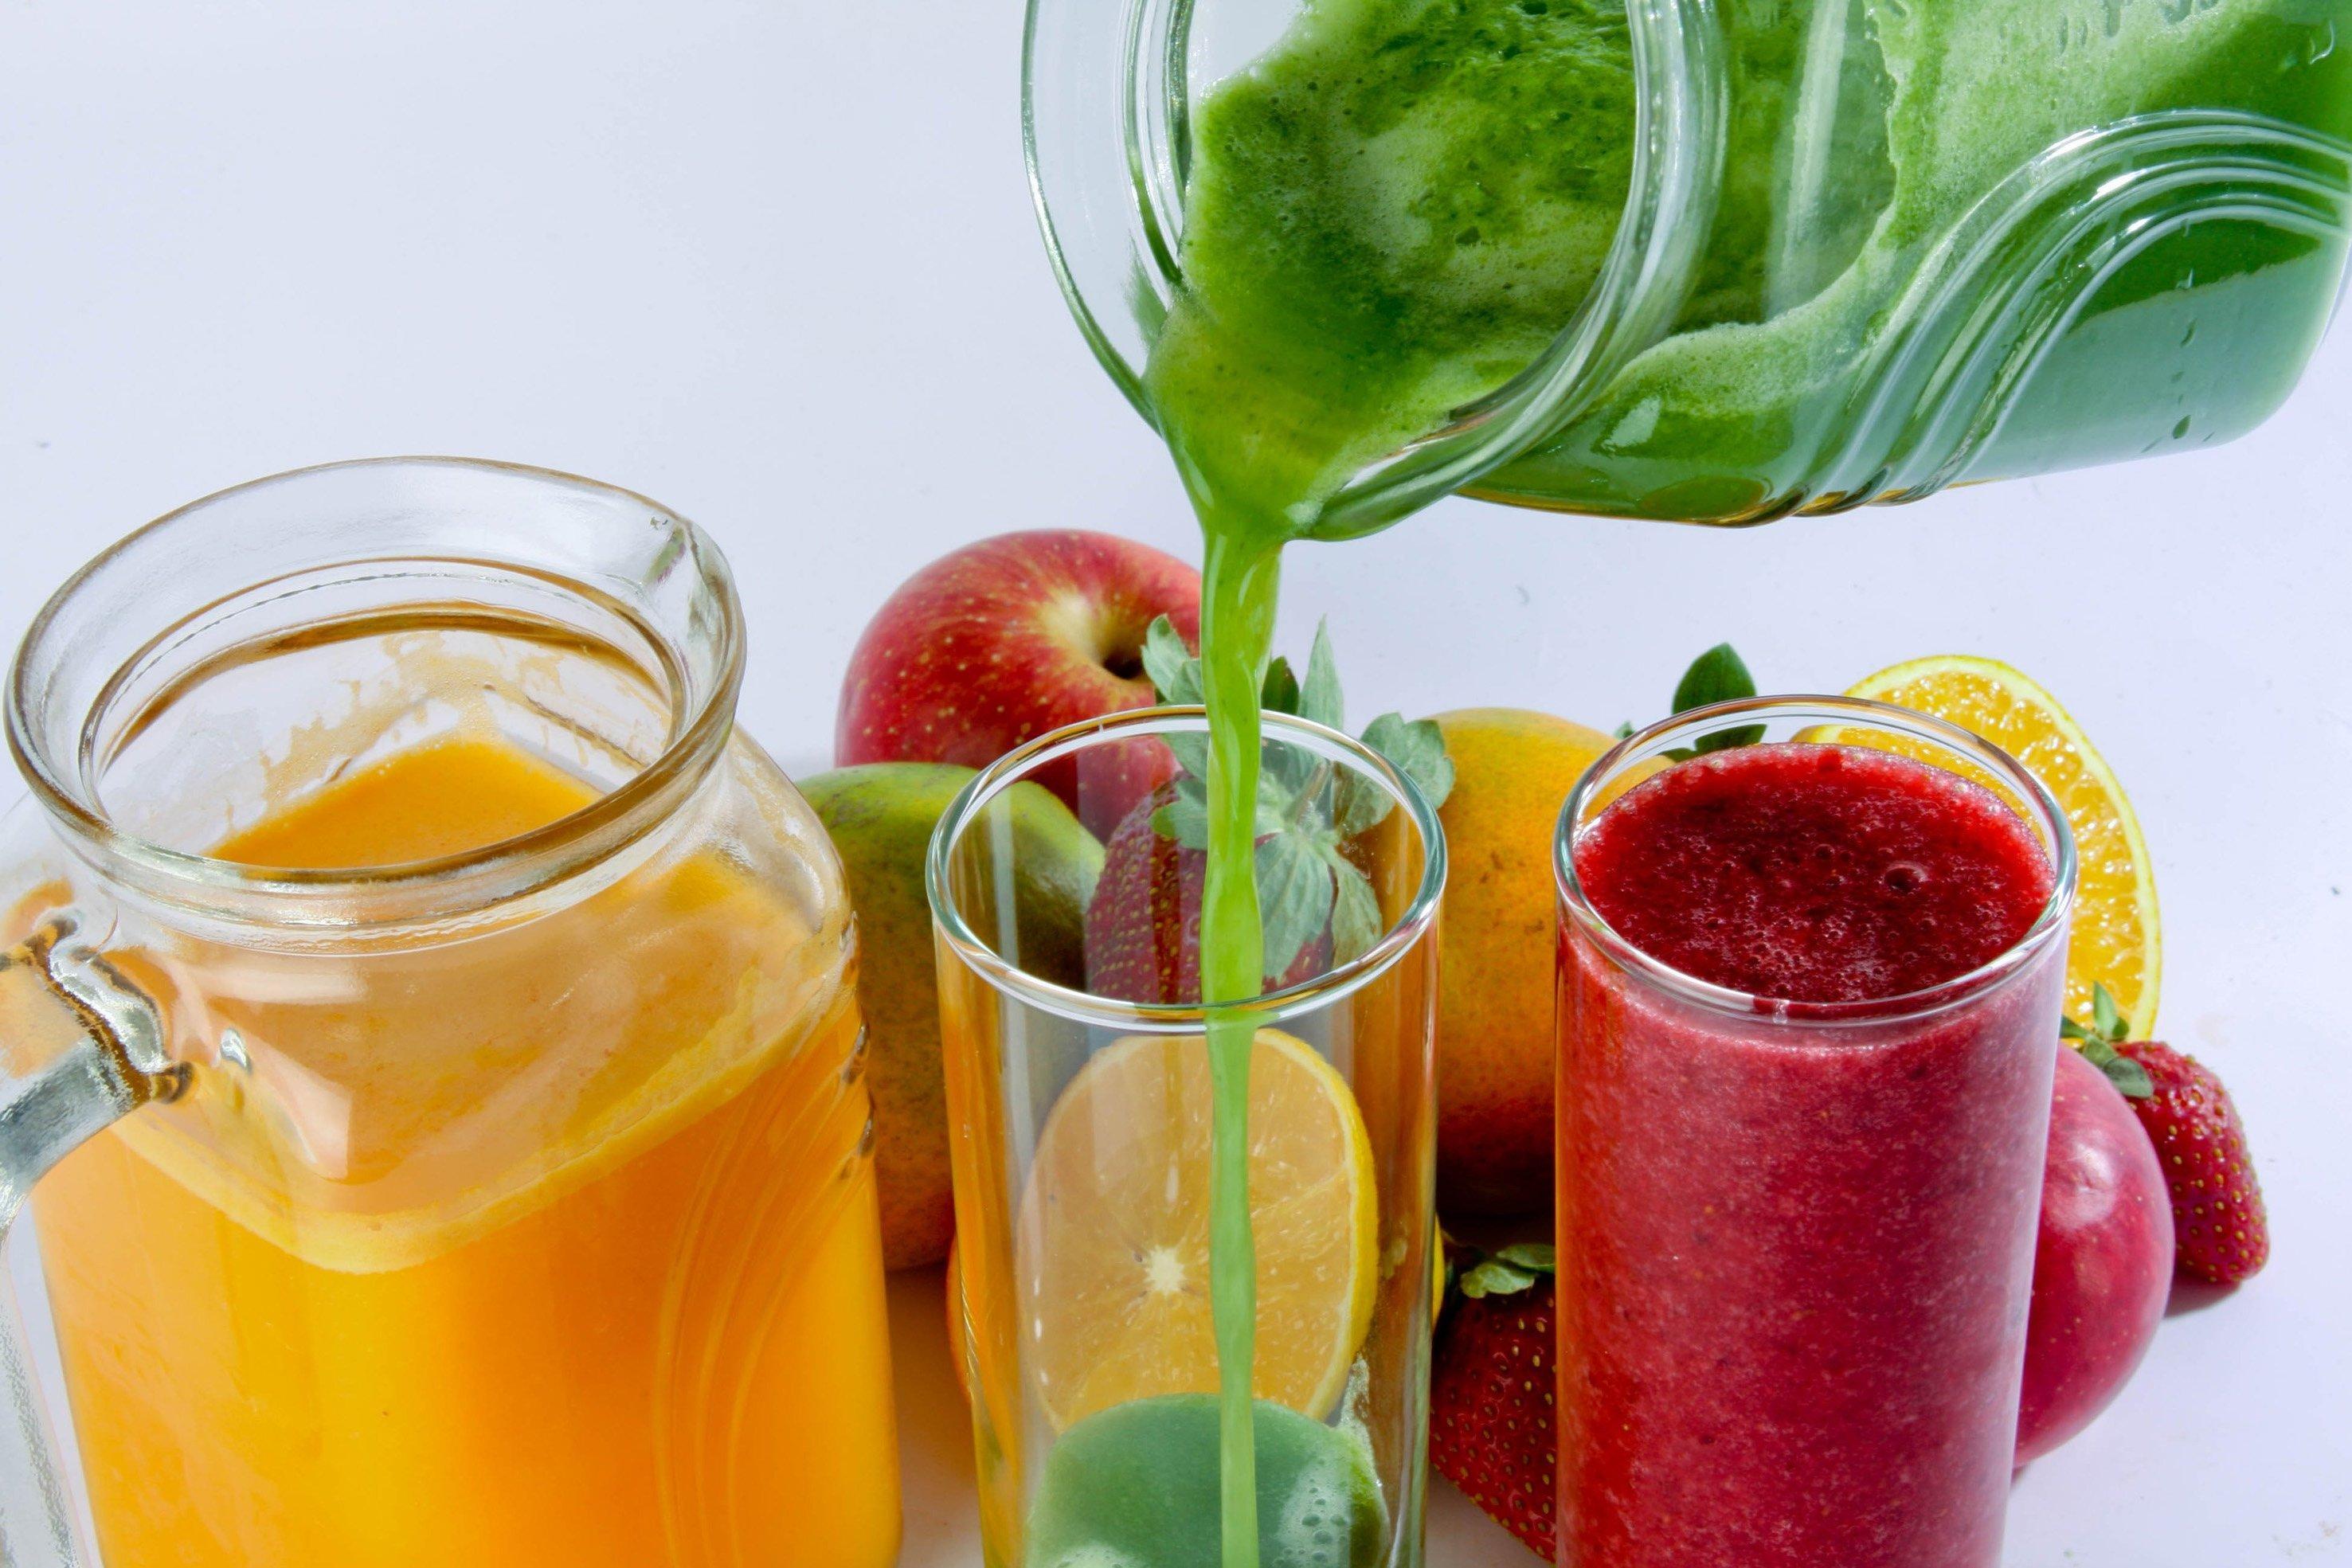 Os Sucos de Frutas têm mais Calorias do que Você Pensa